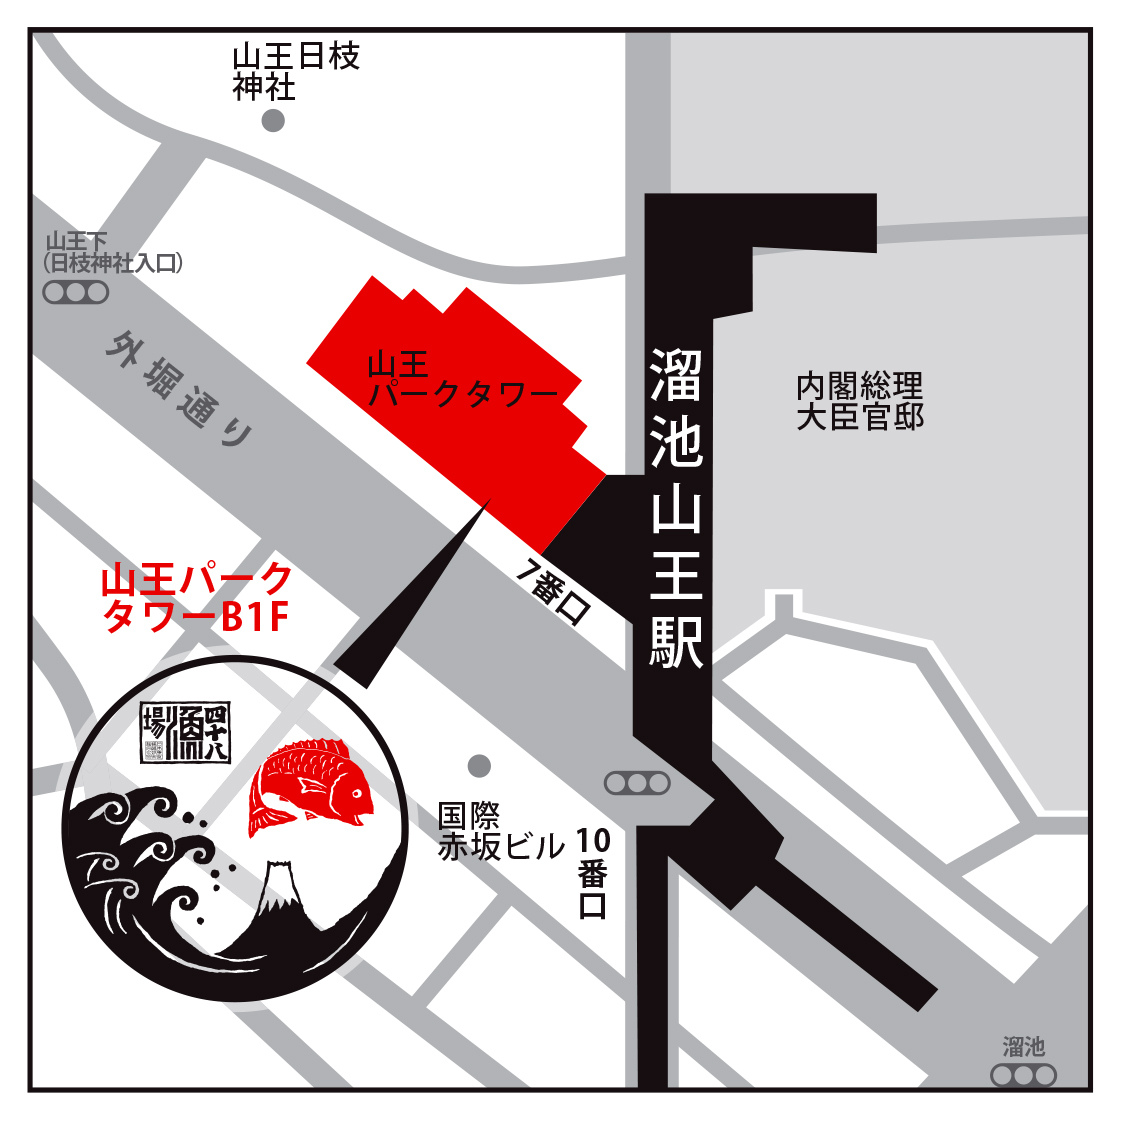 四十八漁場 山王パークタワー店 地図